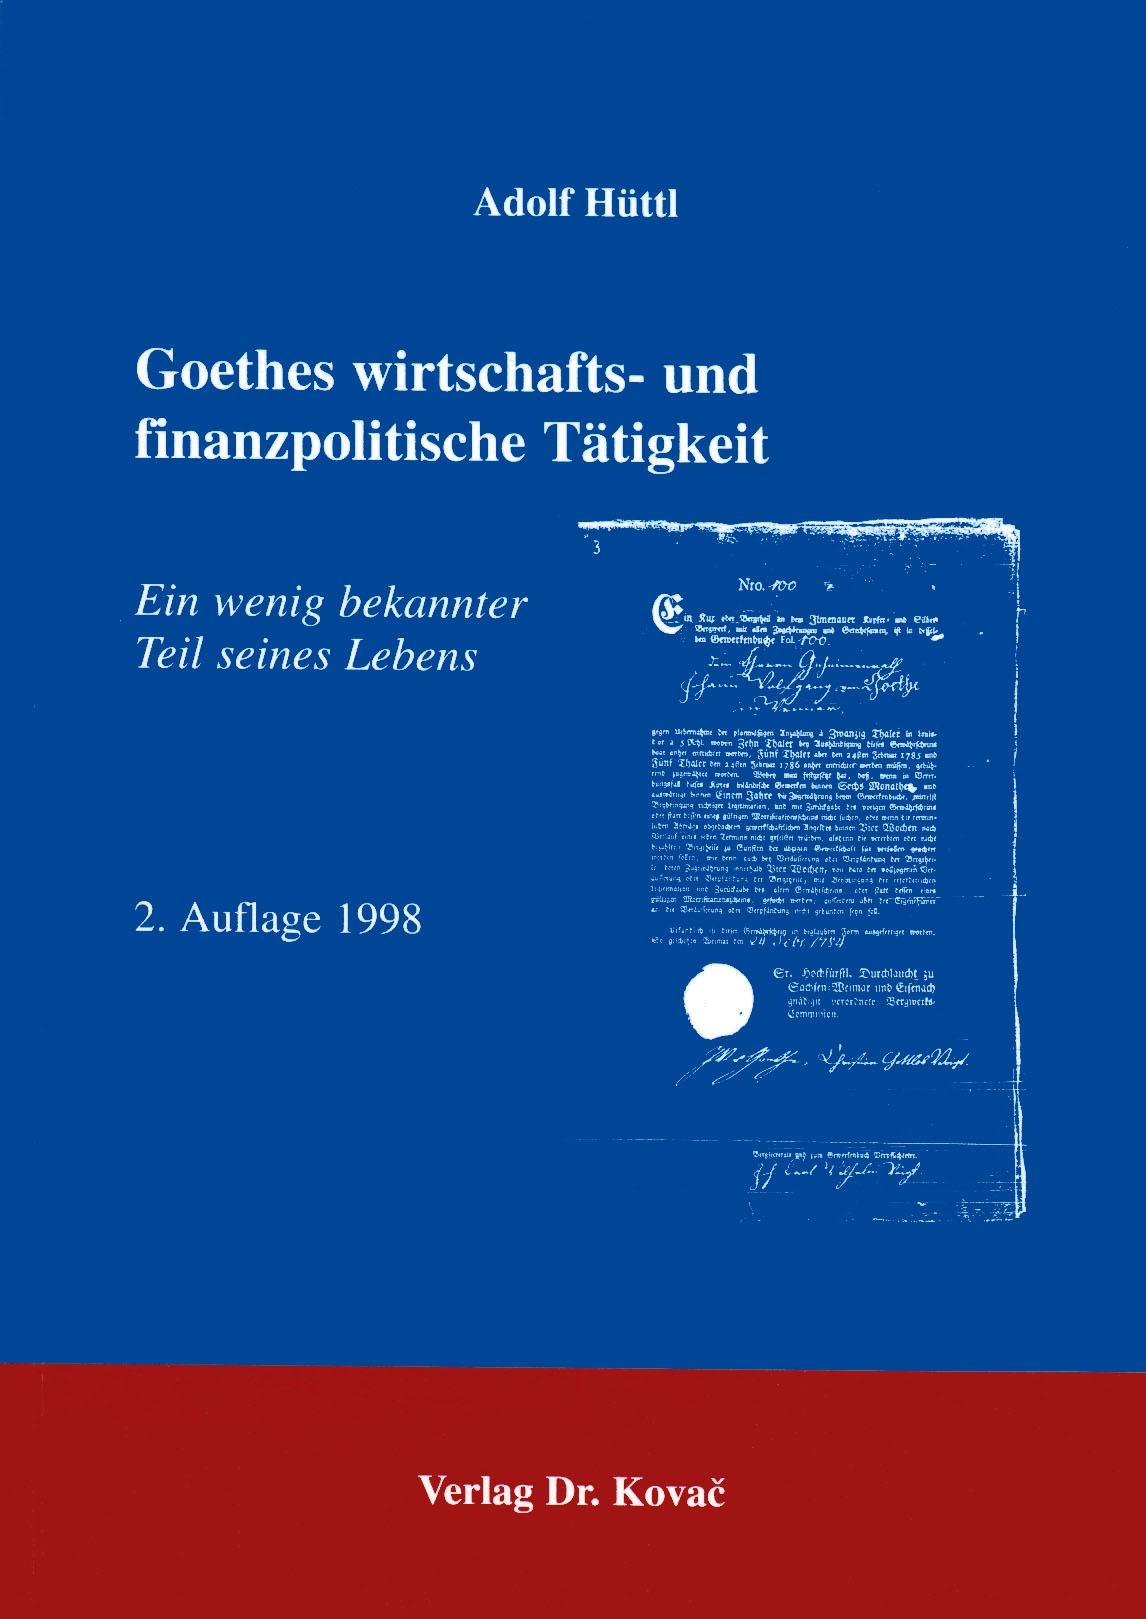 Cover: Goethes wirtschafts- und finanzpolitische Tätigkeit